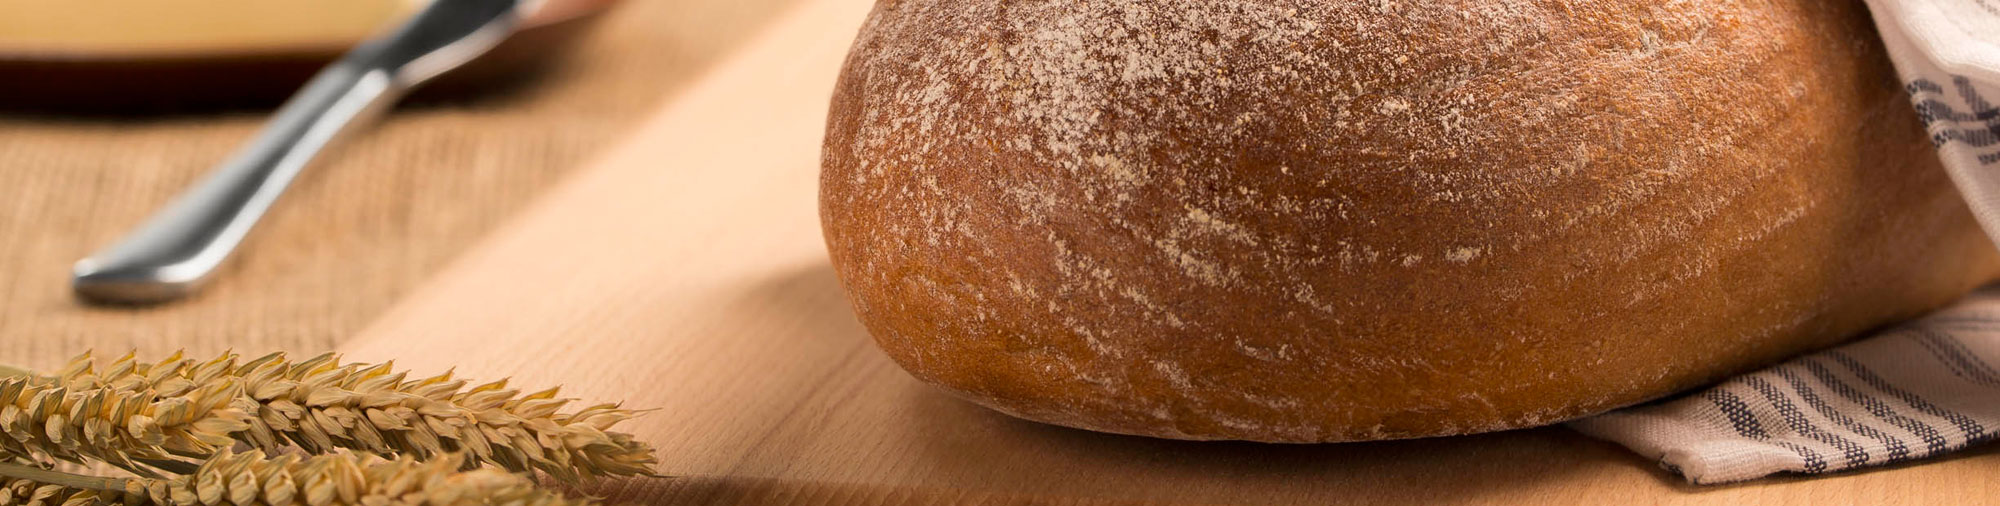 Kváskový chléb,  Pekárna IVANKA s.r.o. Moravský Krumlov